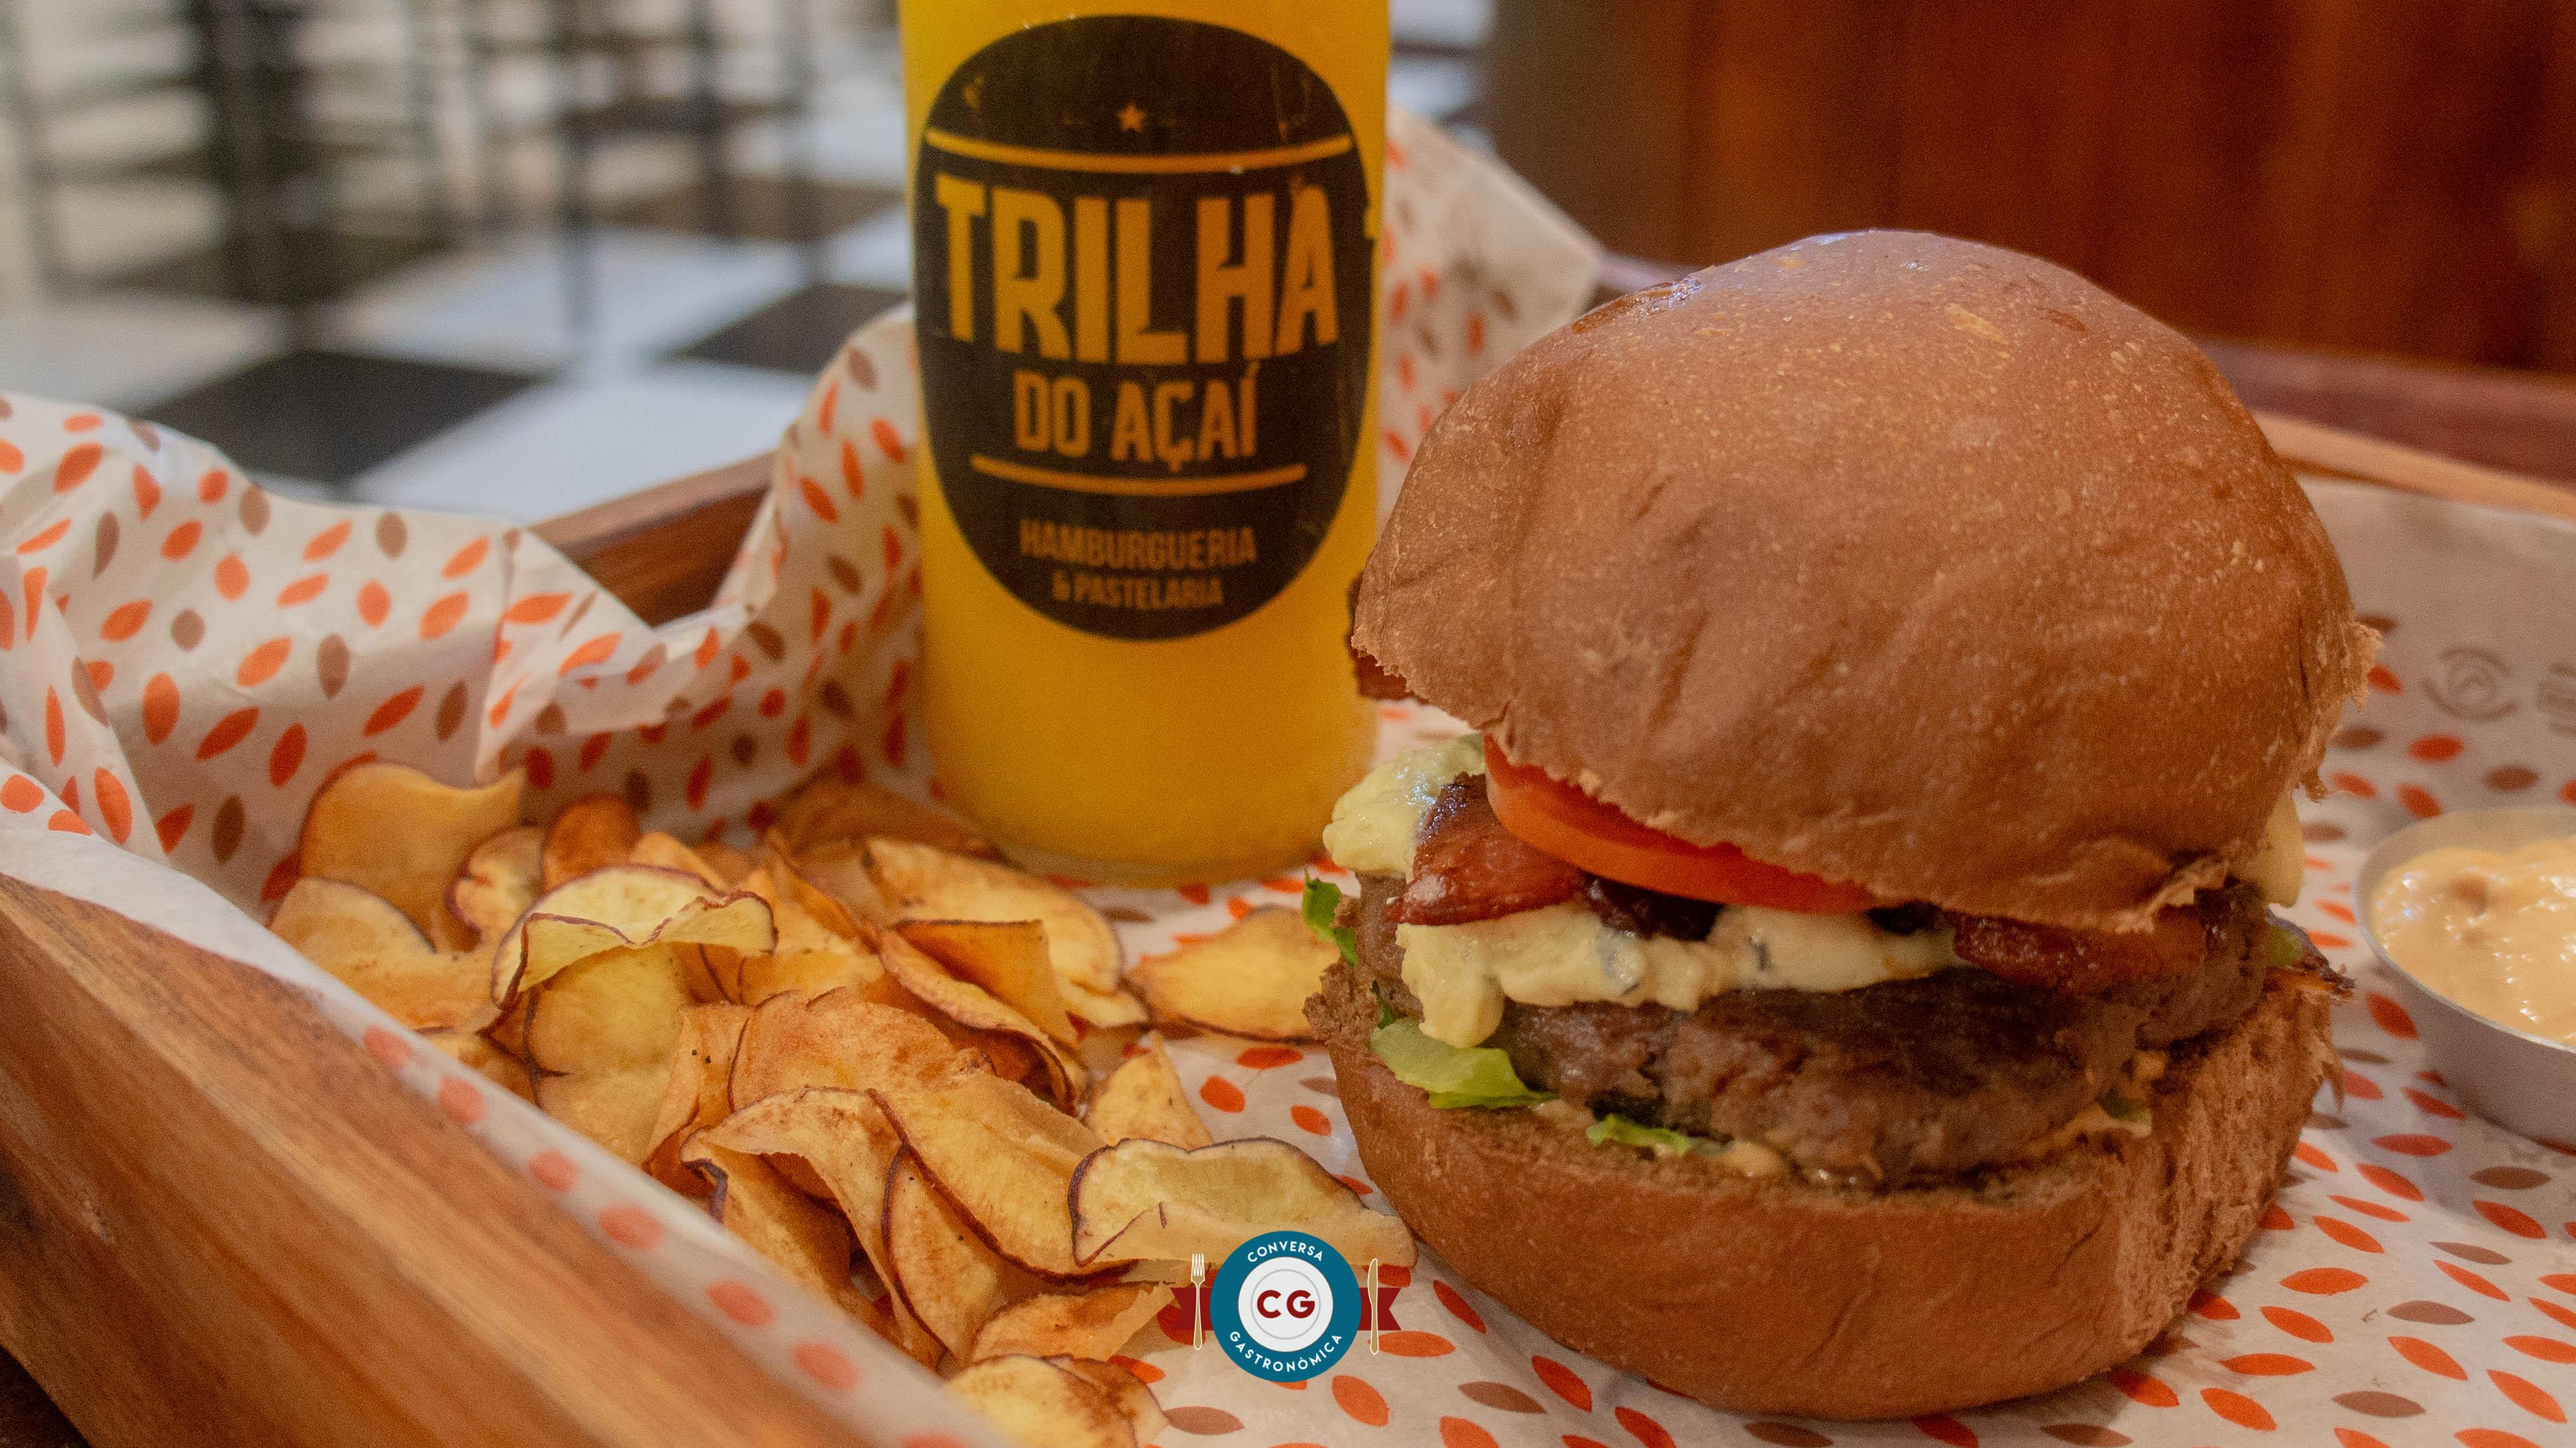 Burger, petiscos e açaí ao custo-benefício Trilha